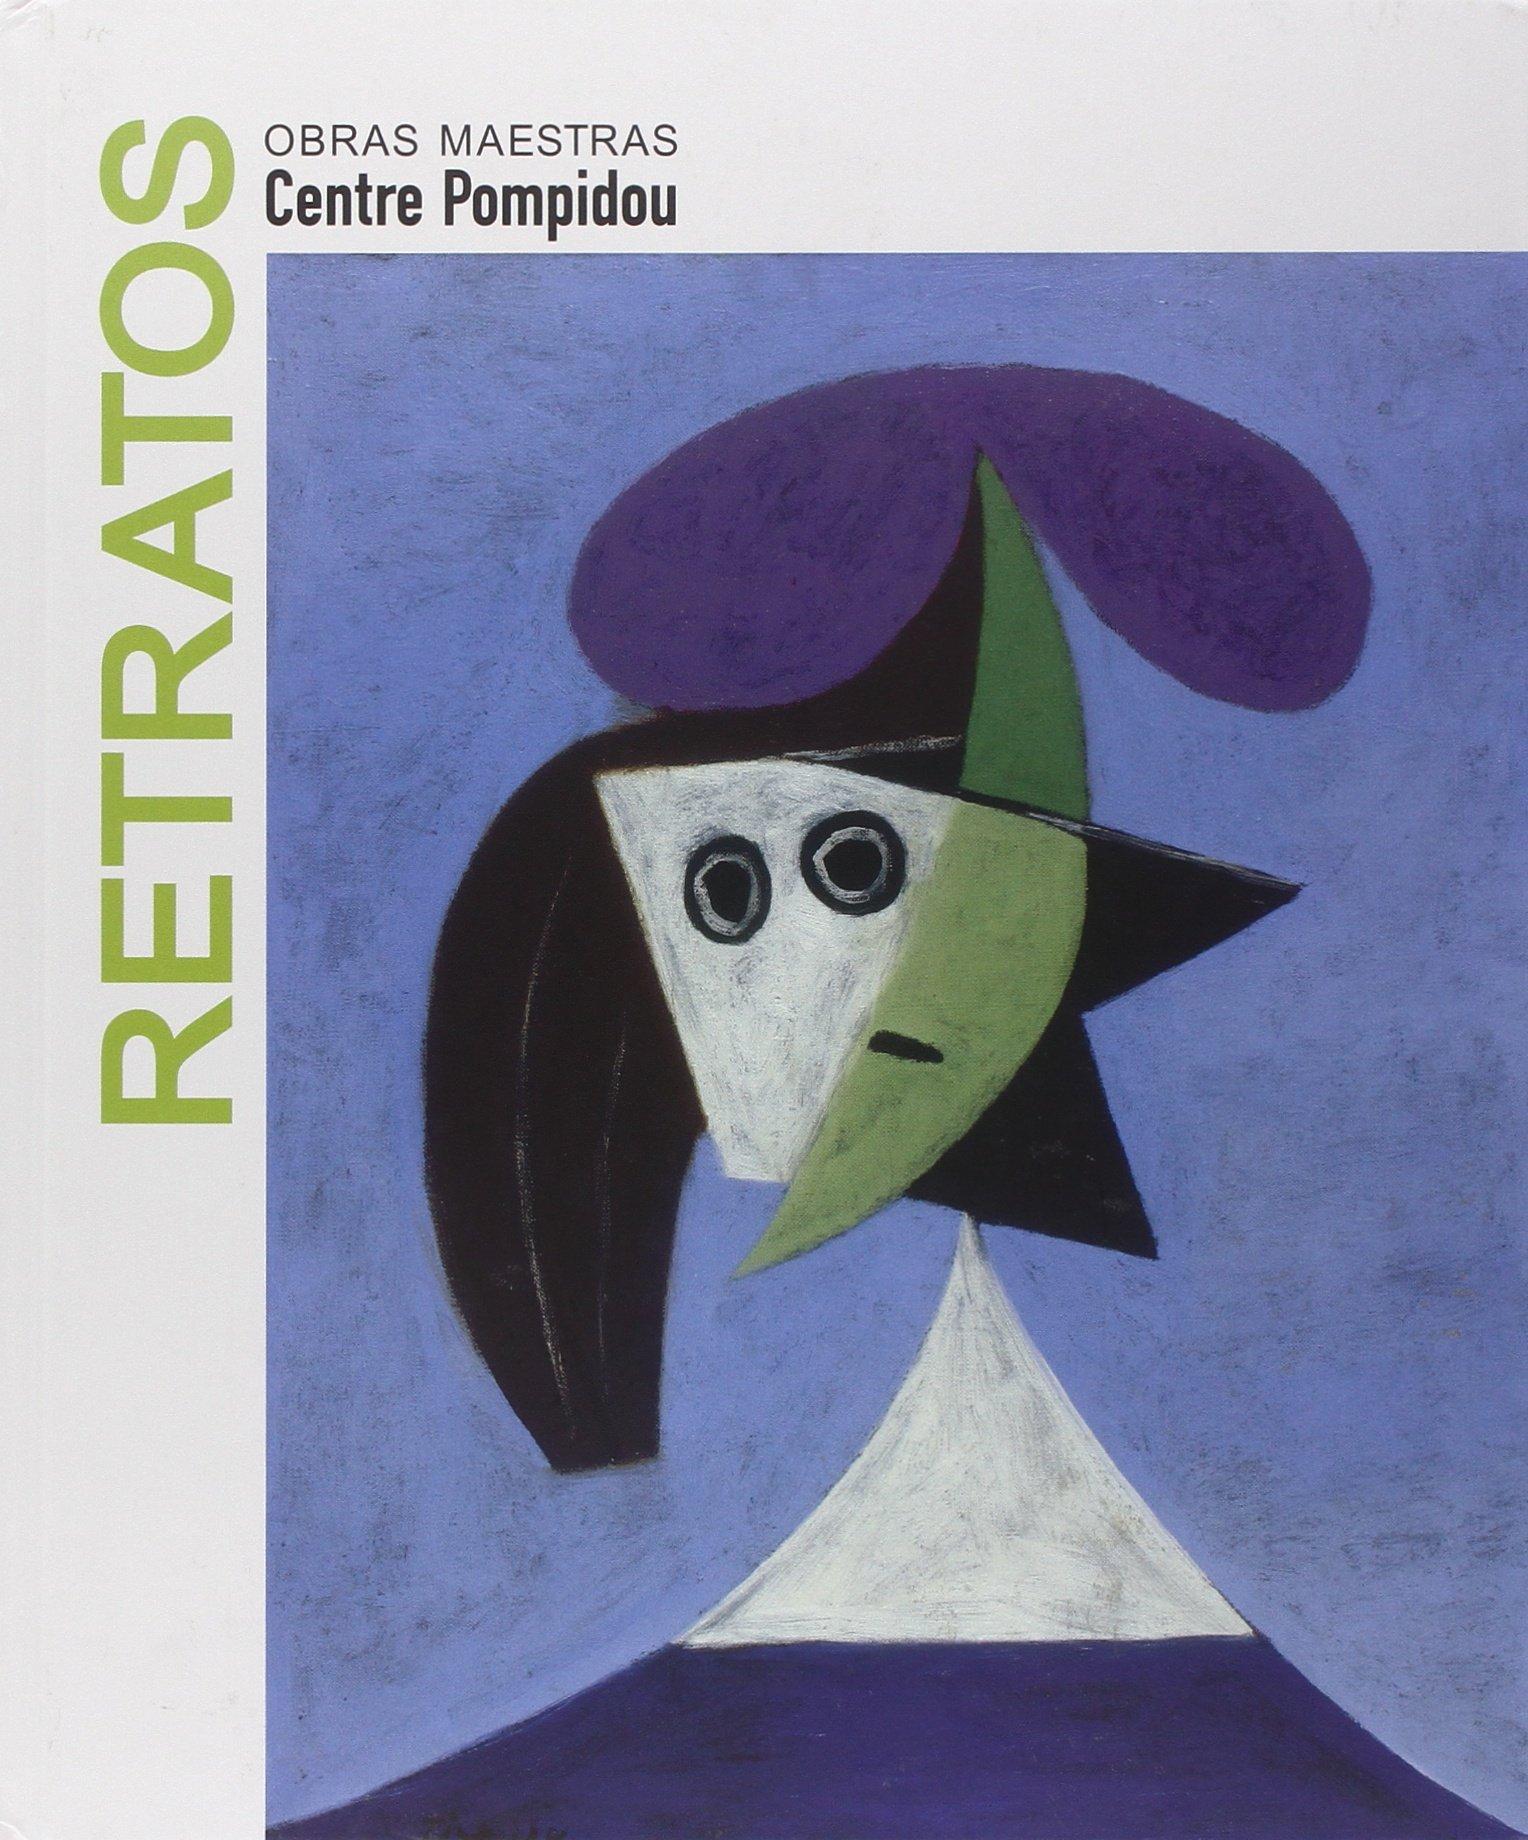 Retratos : Obras Maestras, Centre Pompidou pdf epub